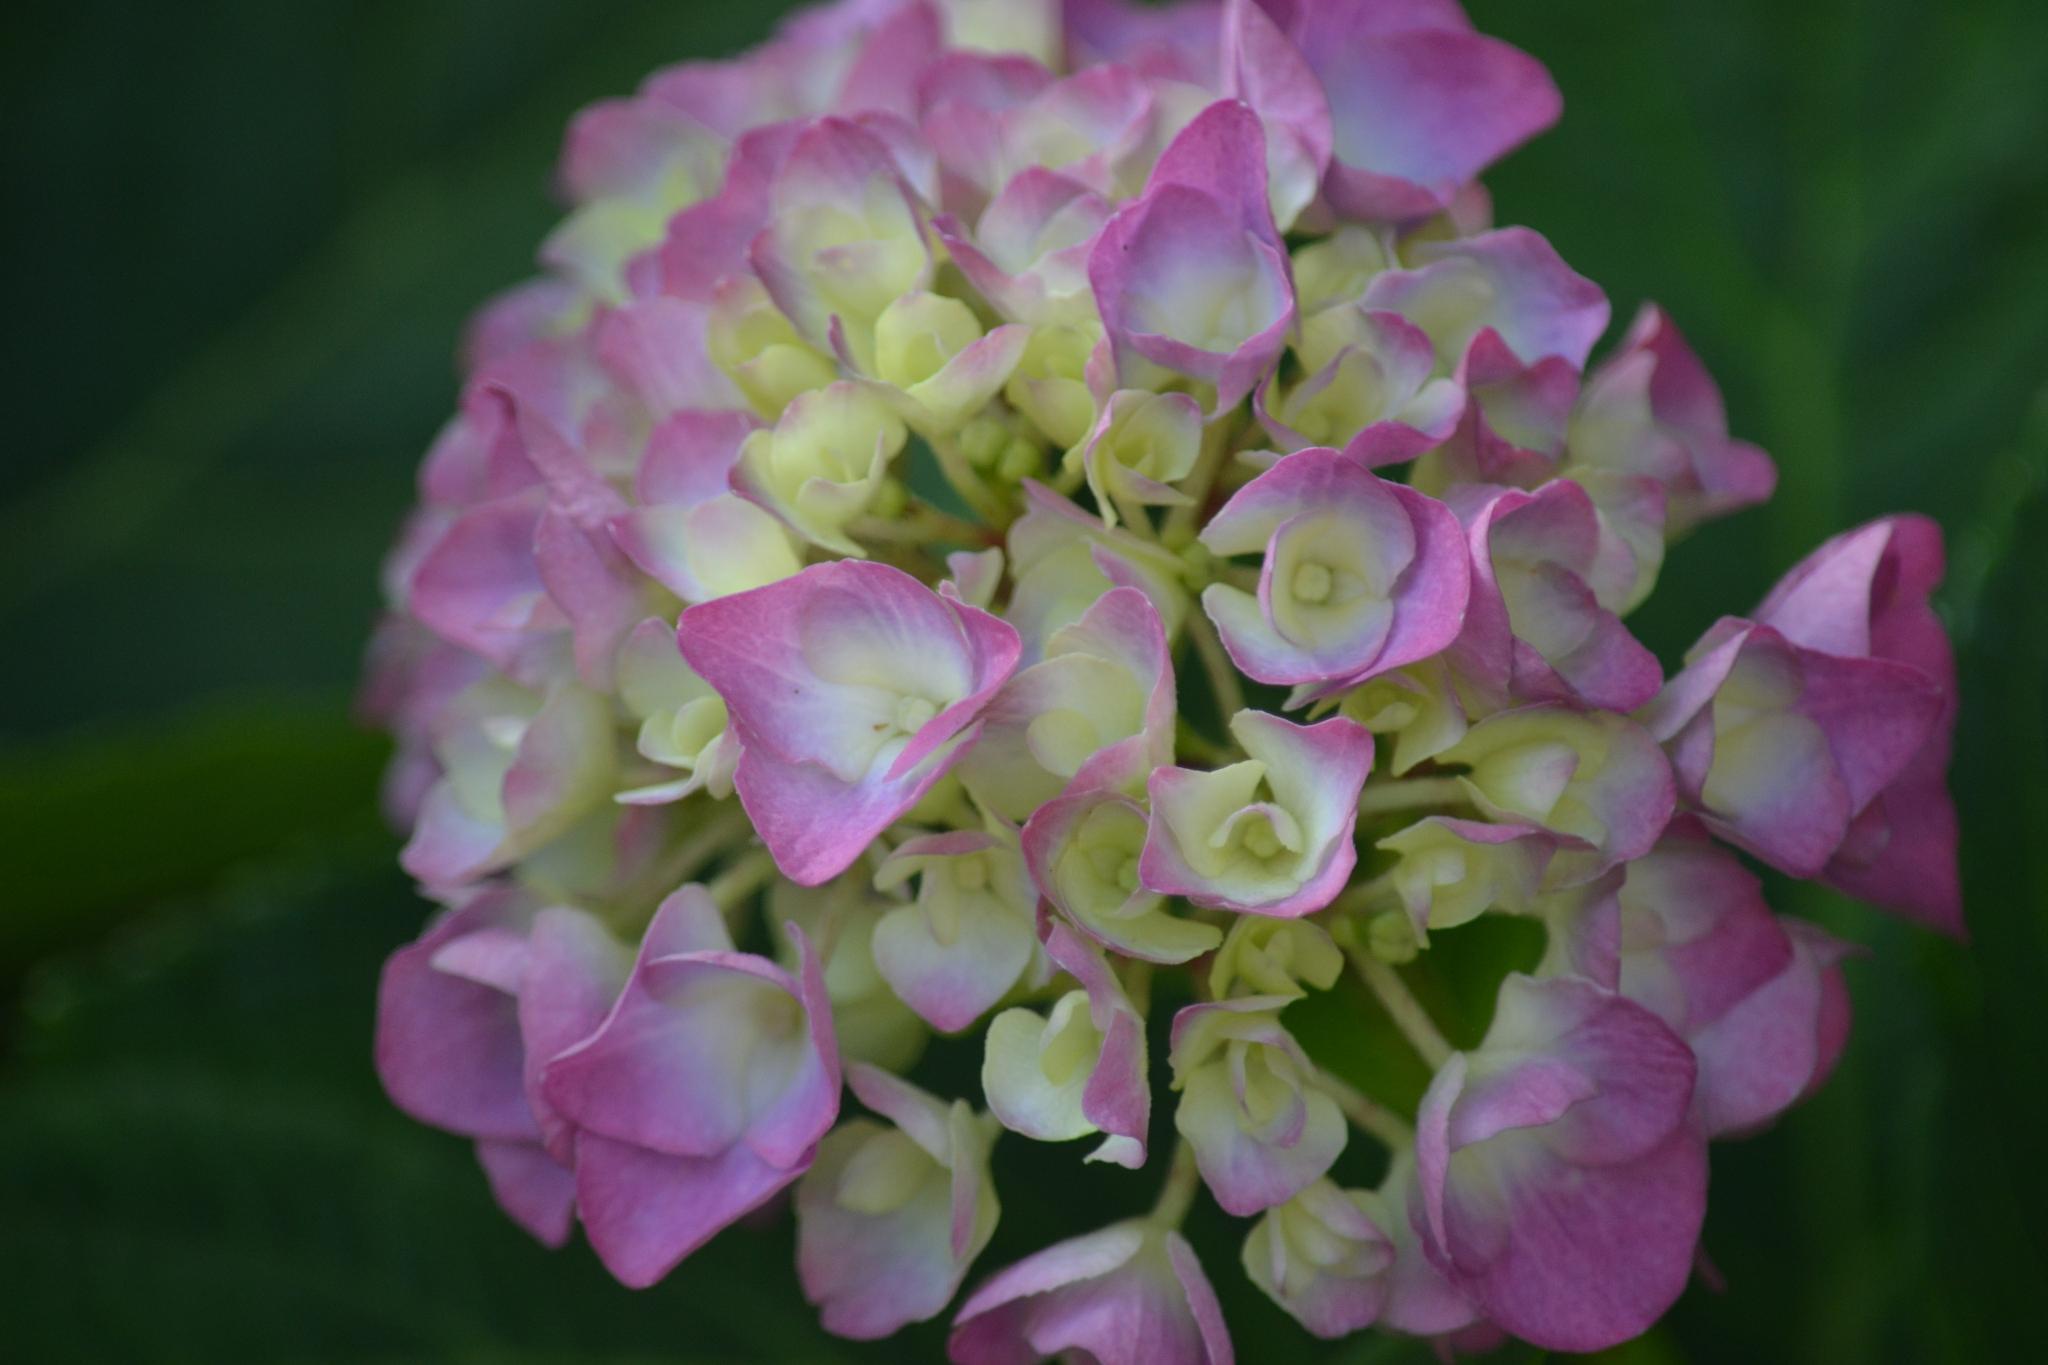 Flower by veronica.strobeckpersson